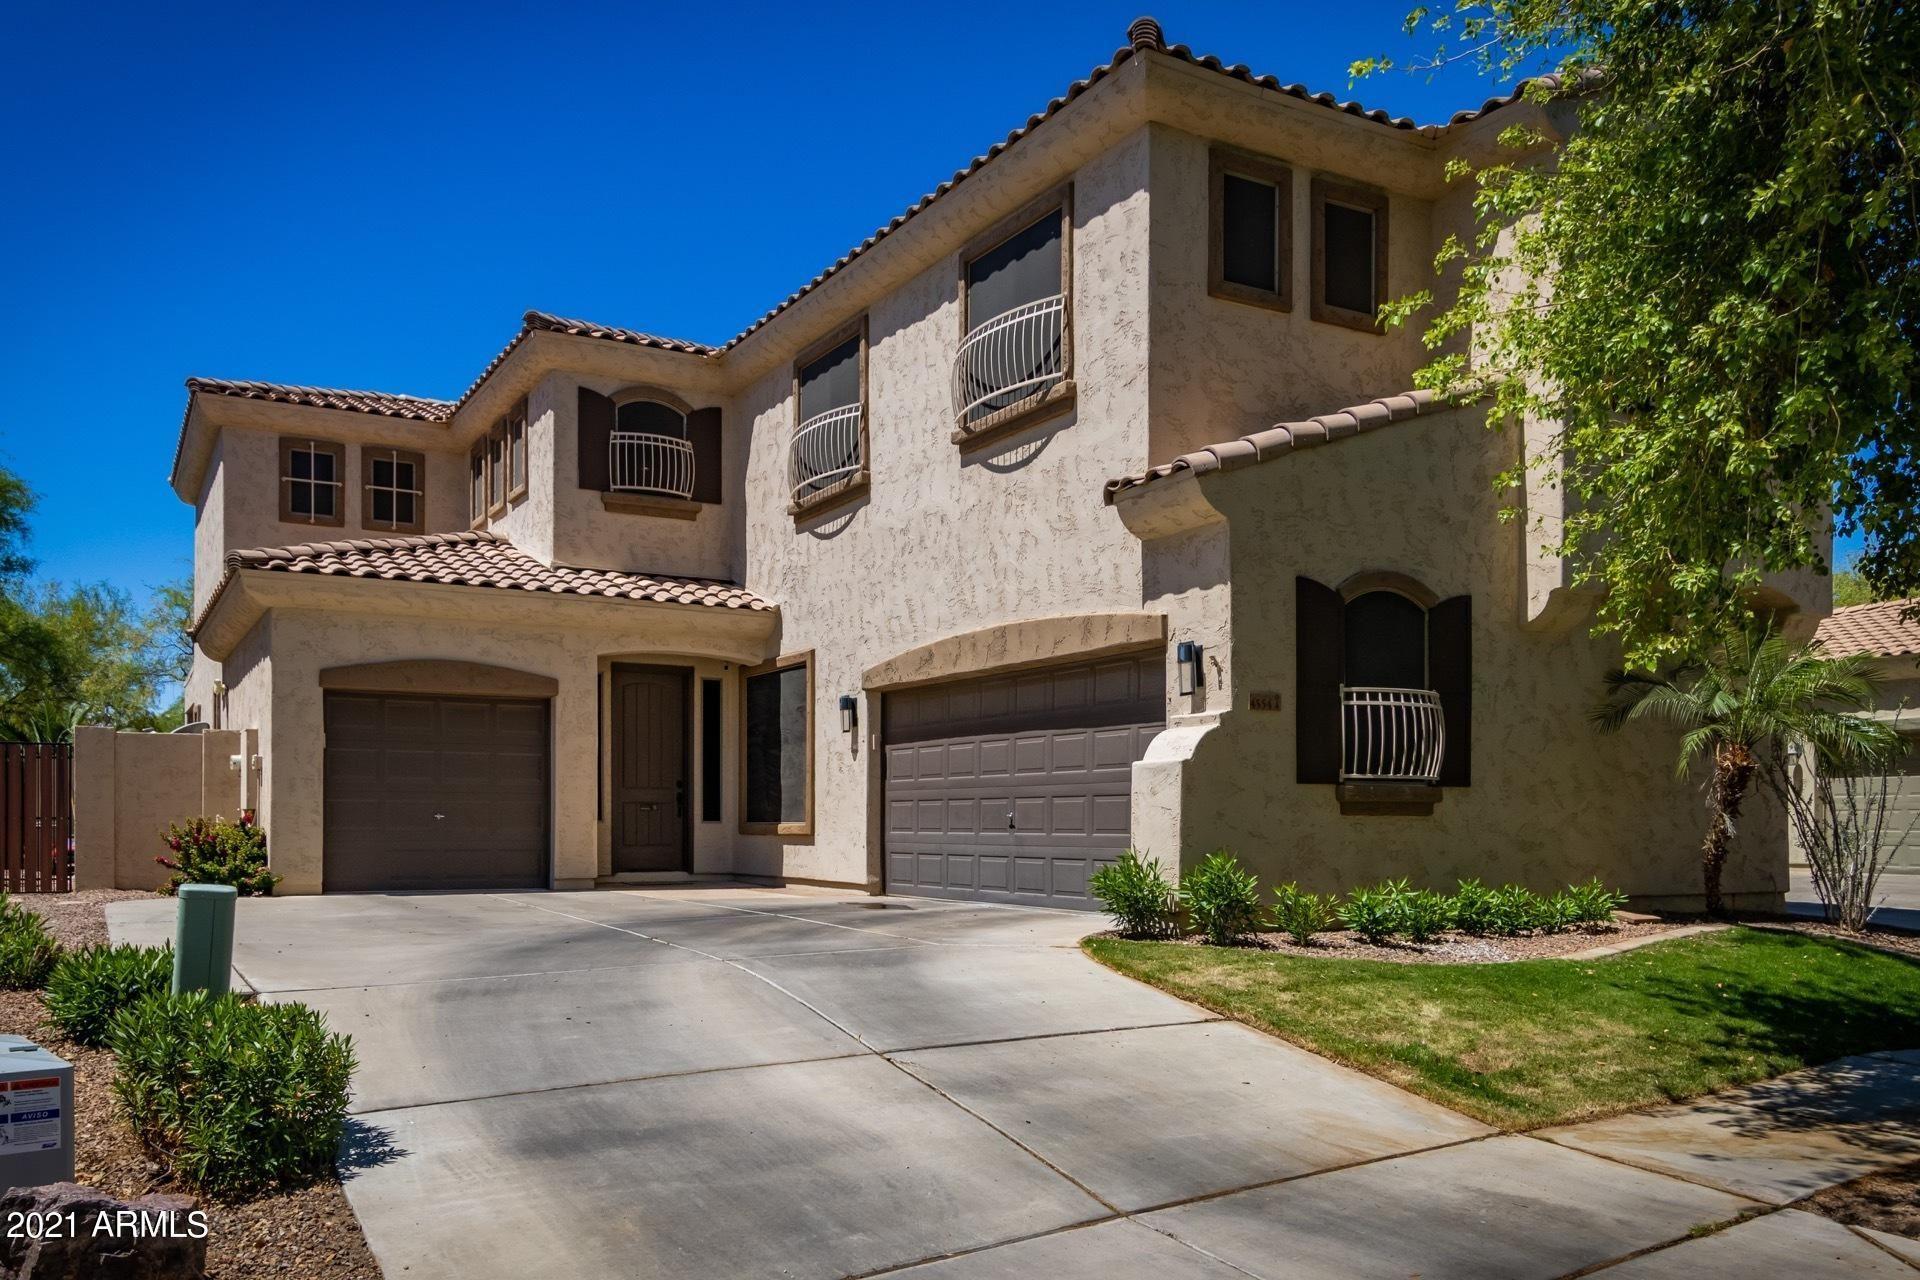 4554 S MAVERICK Court, Gilbert, AZ 85297 - MLS#: 6232671